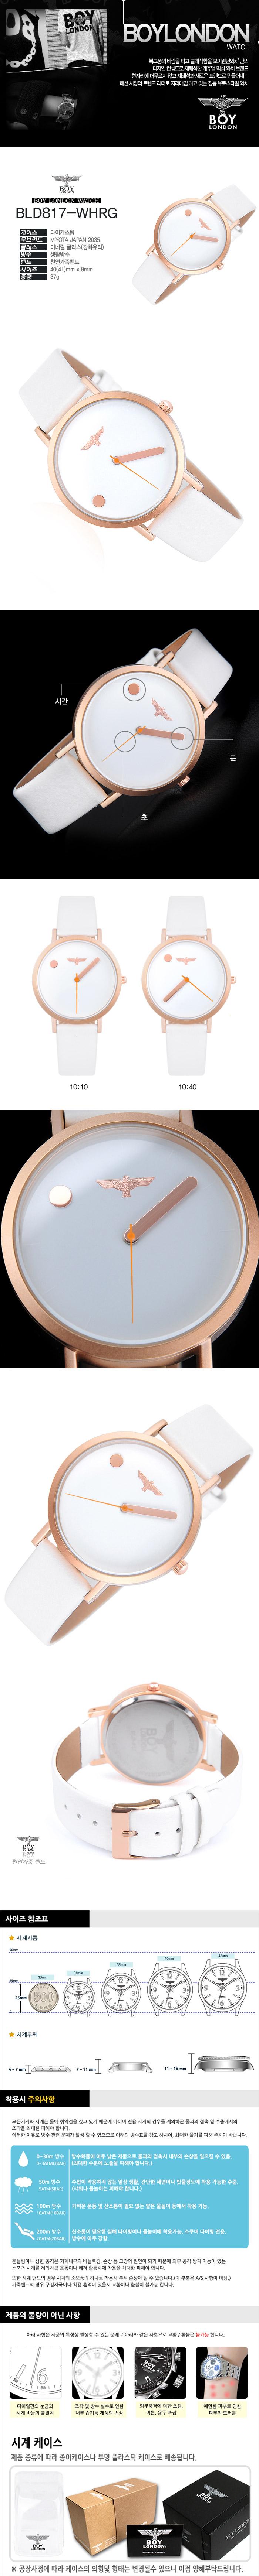 보이런던 BLD817S-WHRG - 보이런던, 53,910원, 남성시계, 가죽시계